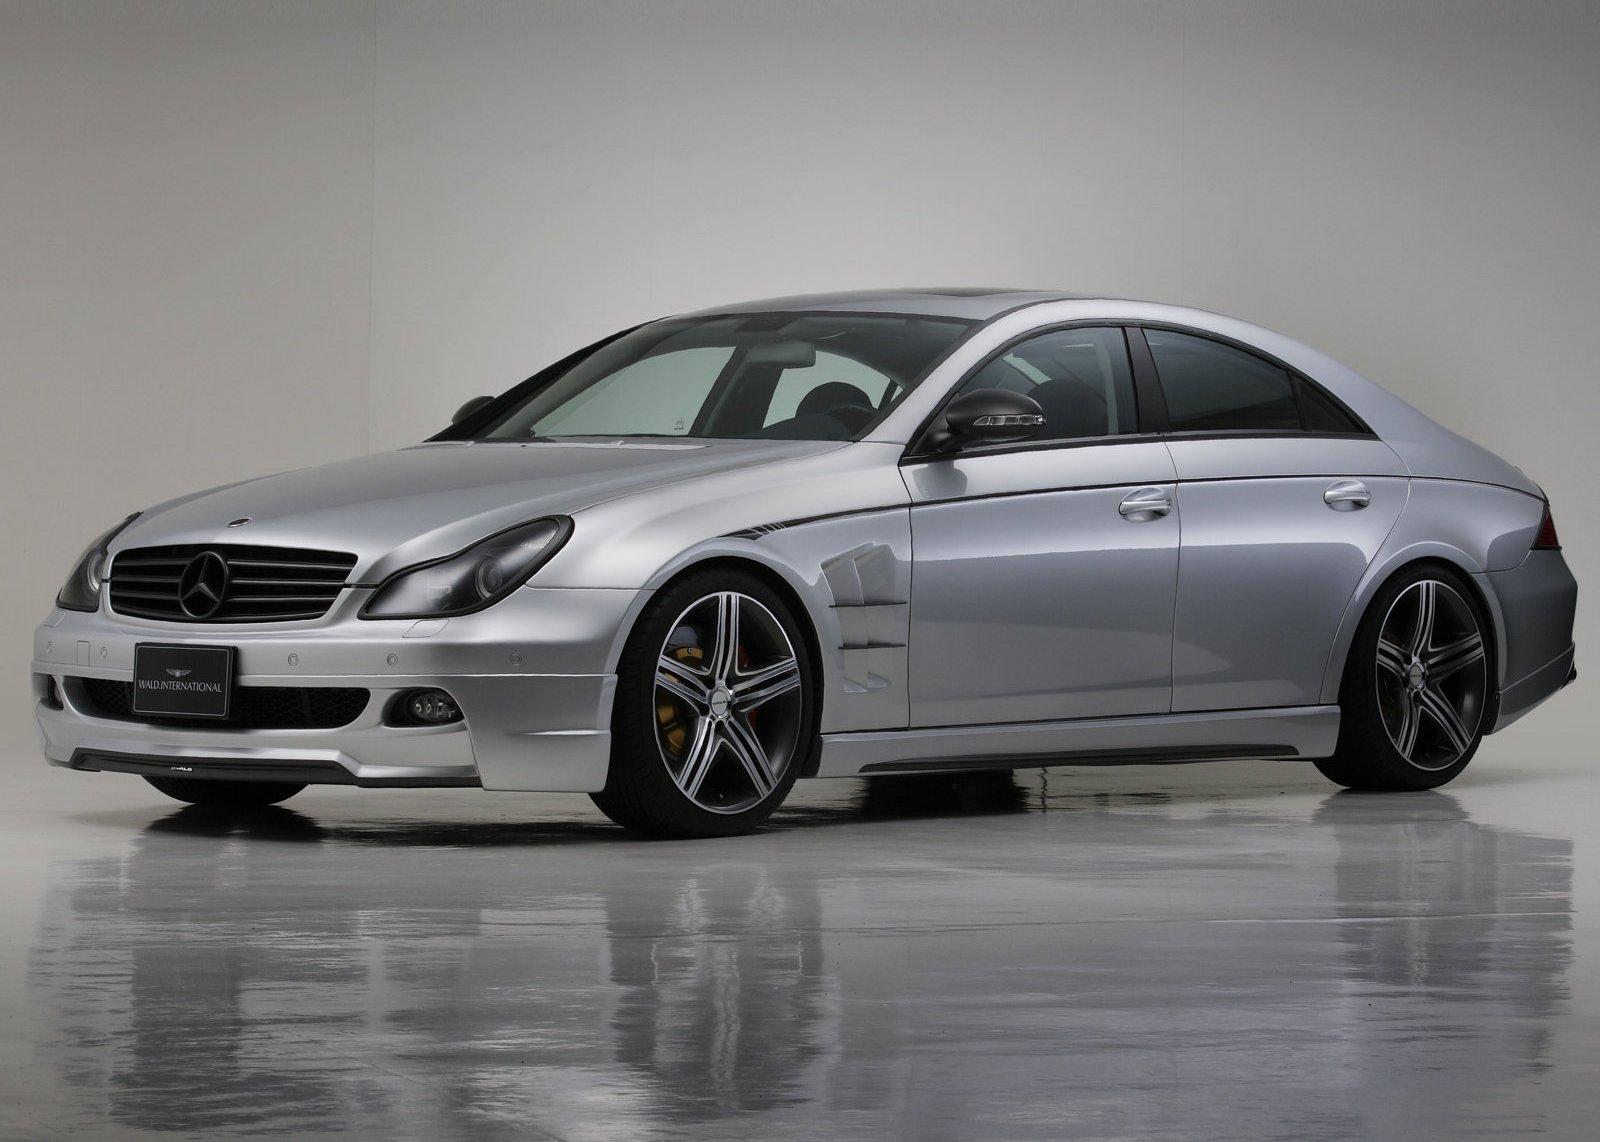 Mercedes-Benz (W219) CLS-Class